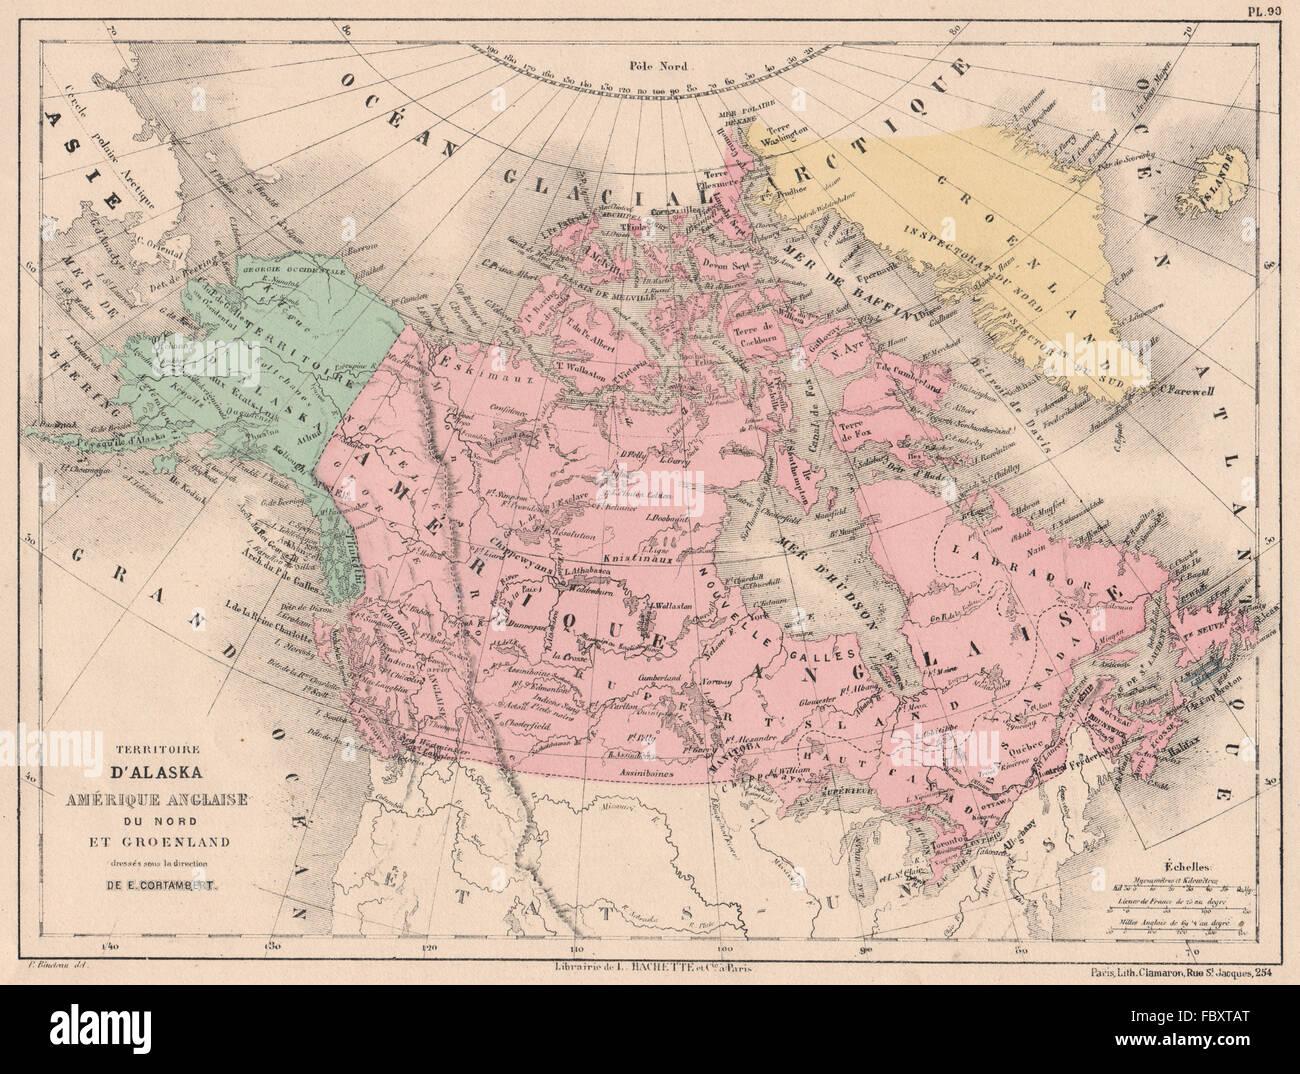 Map Of Canada And Alaska.Alaska Canada Map Stock Photos Alaska Canada Map Stock Images Alamy